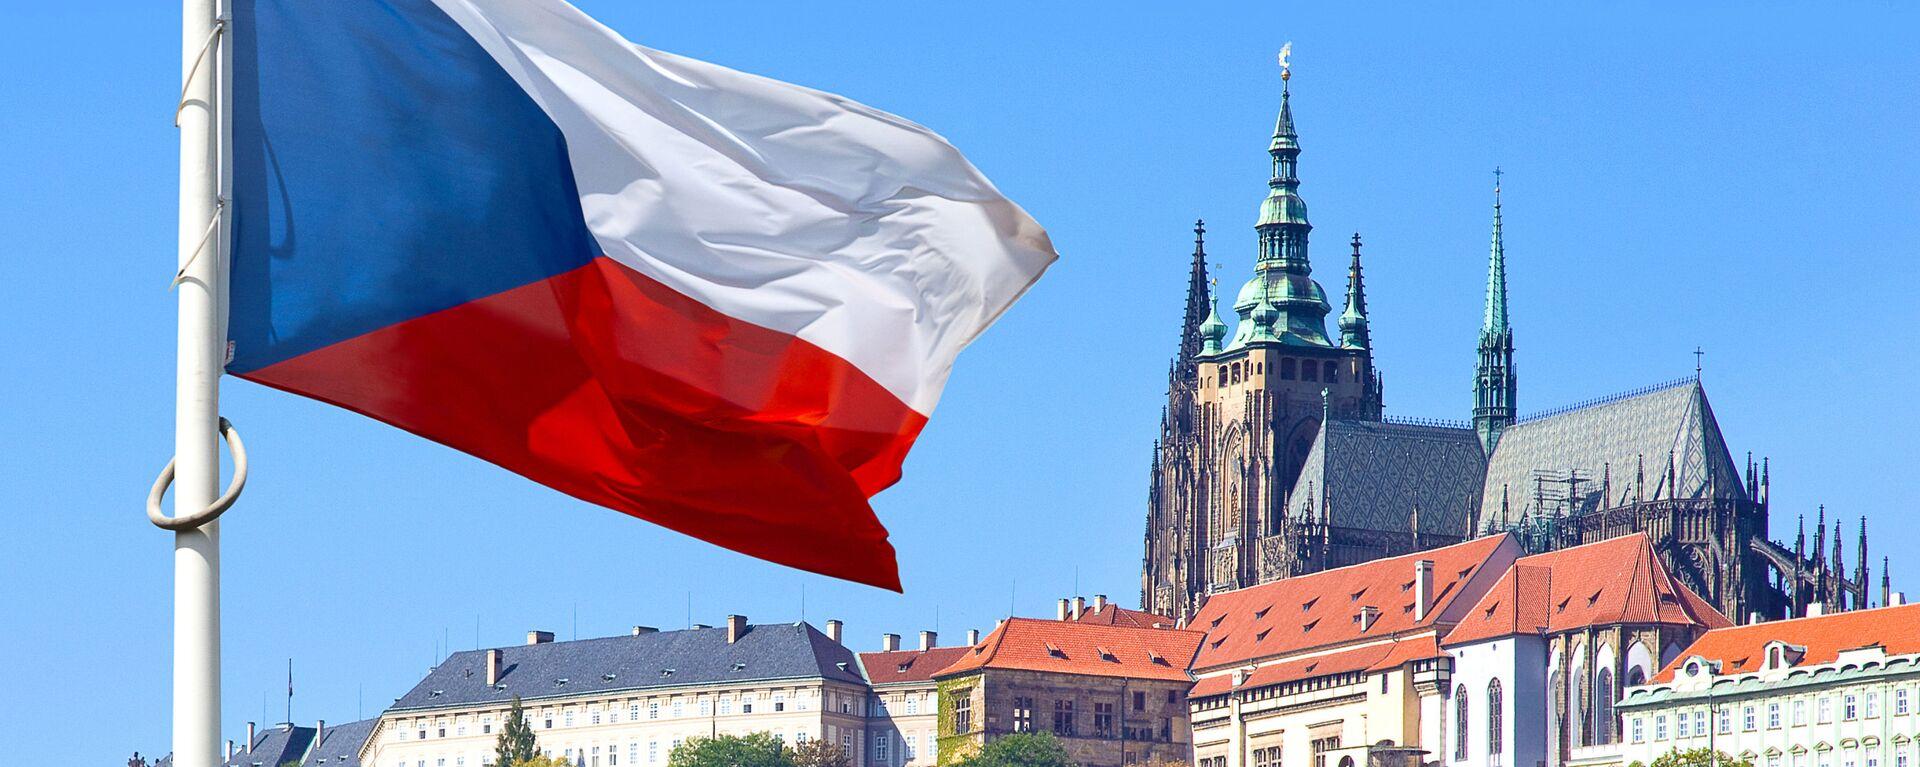 Czechy - Sputnik Polska, 1920, 09.10.2021